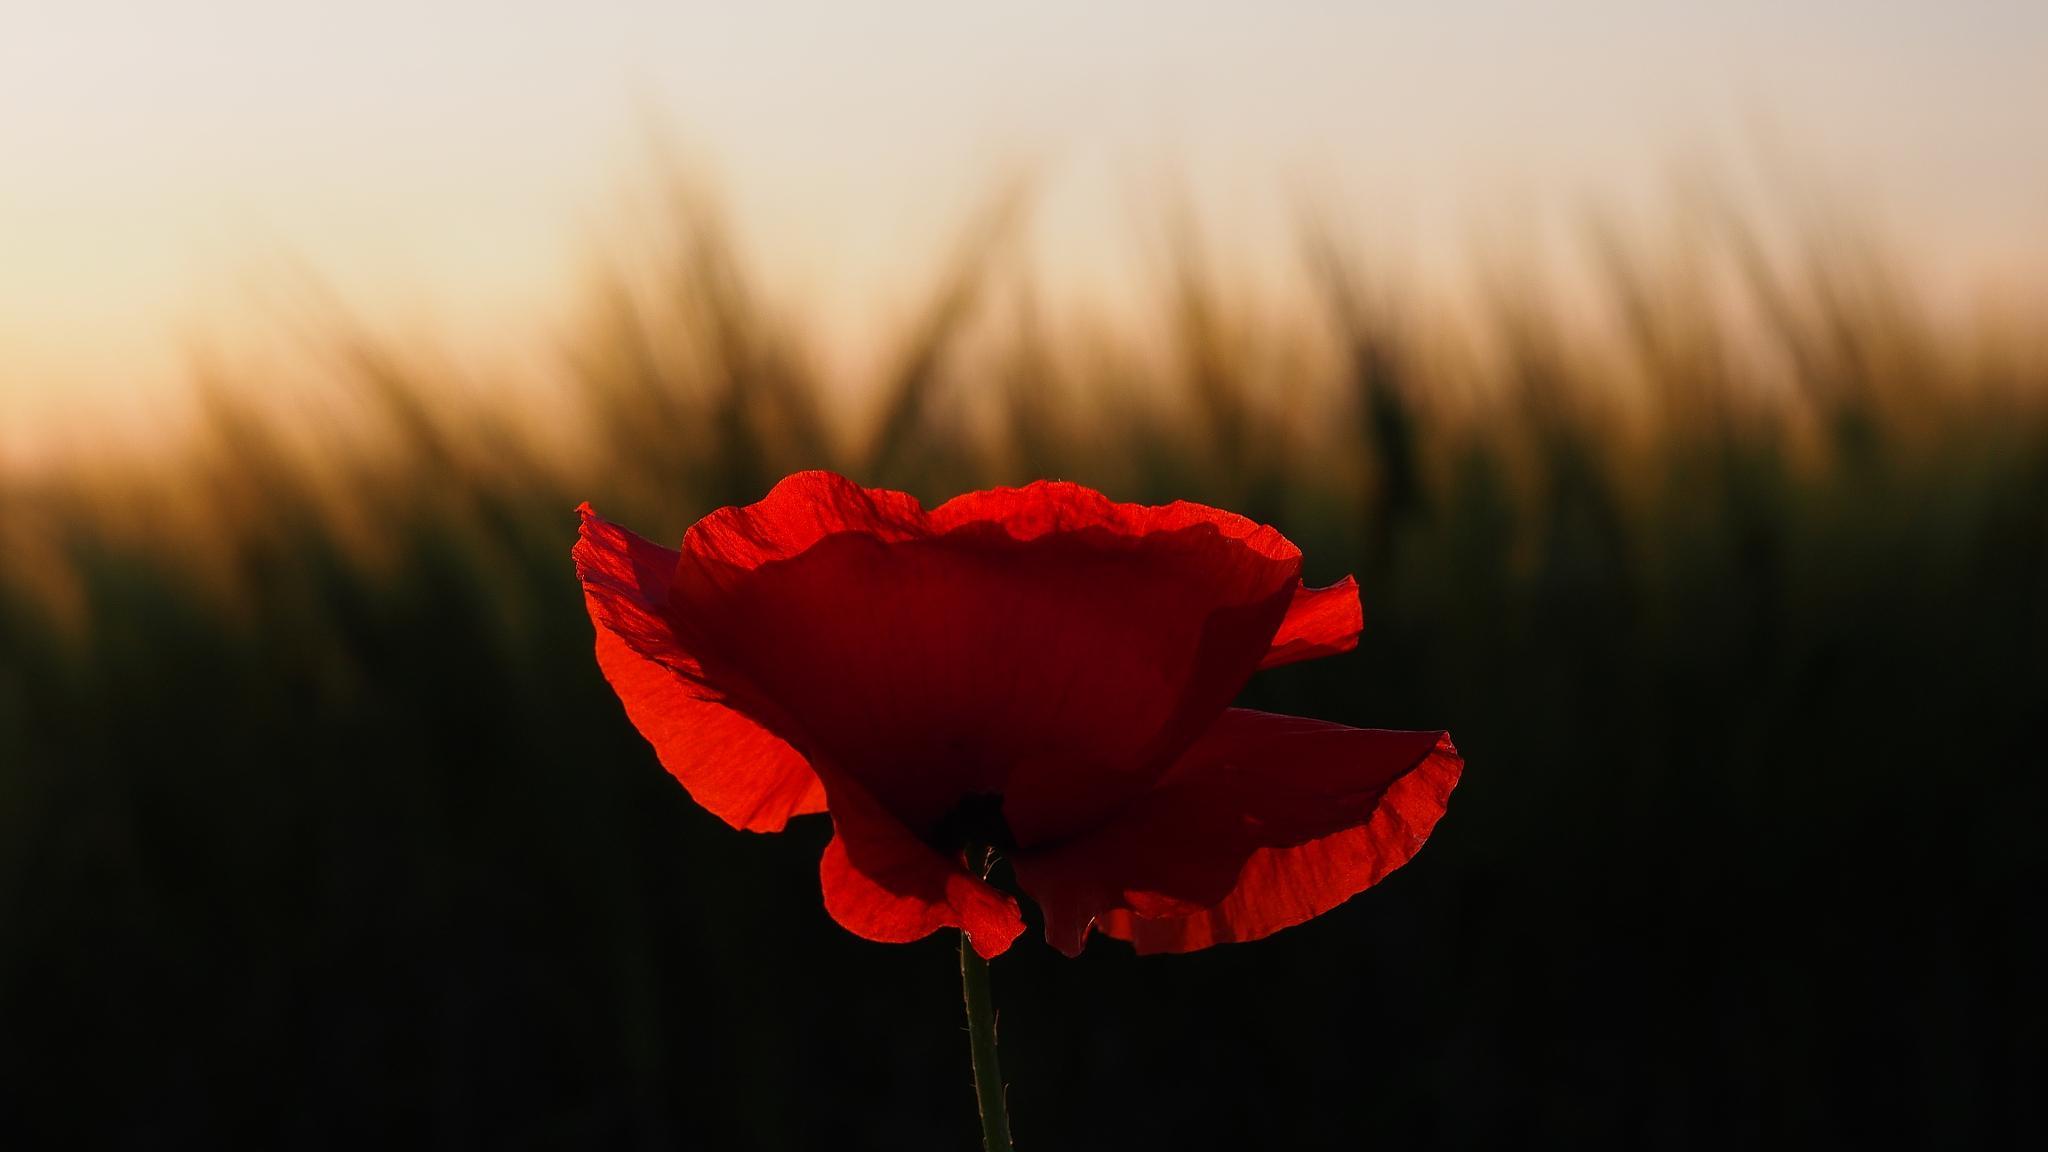 Red poppy by Miákits Csaba